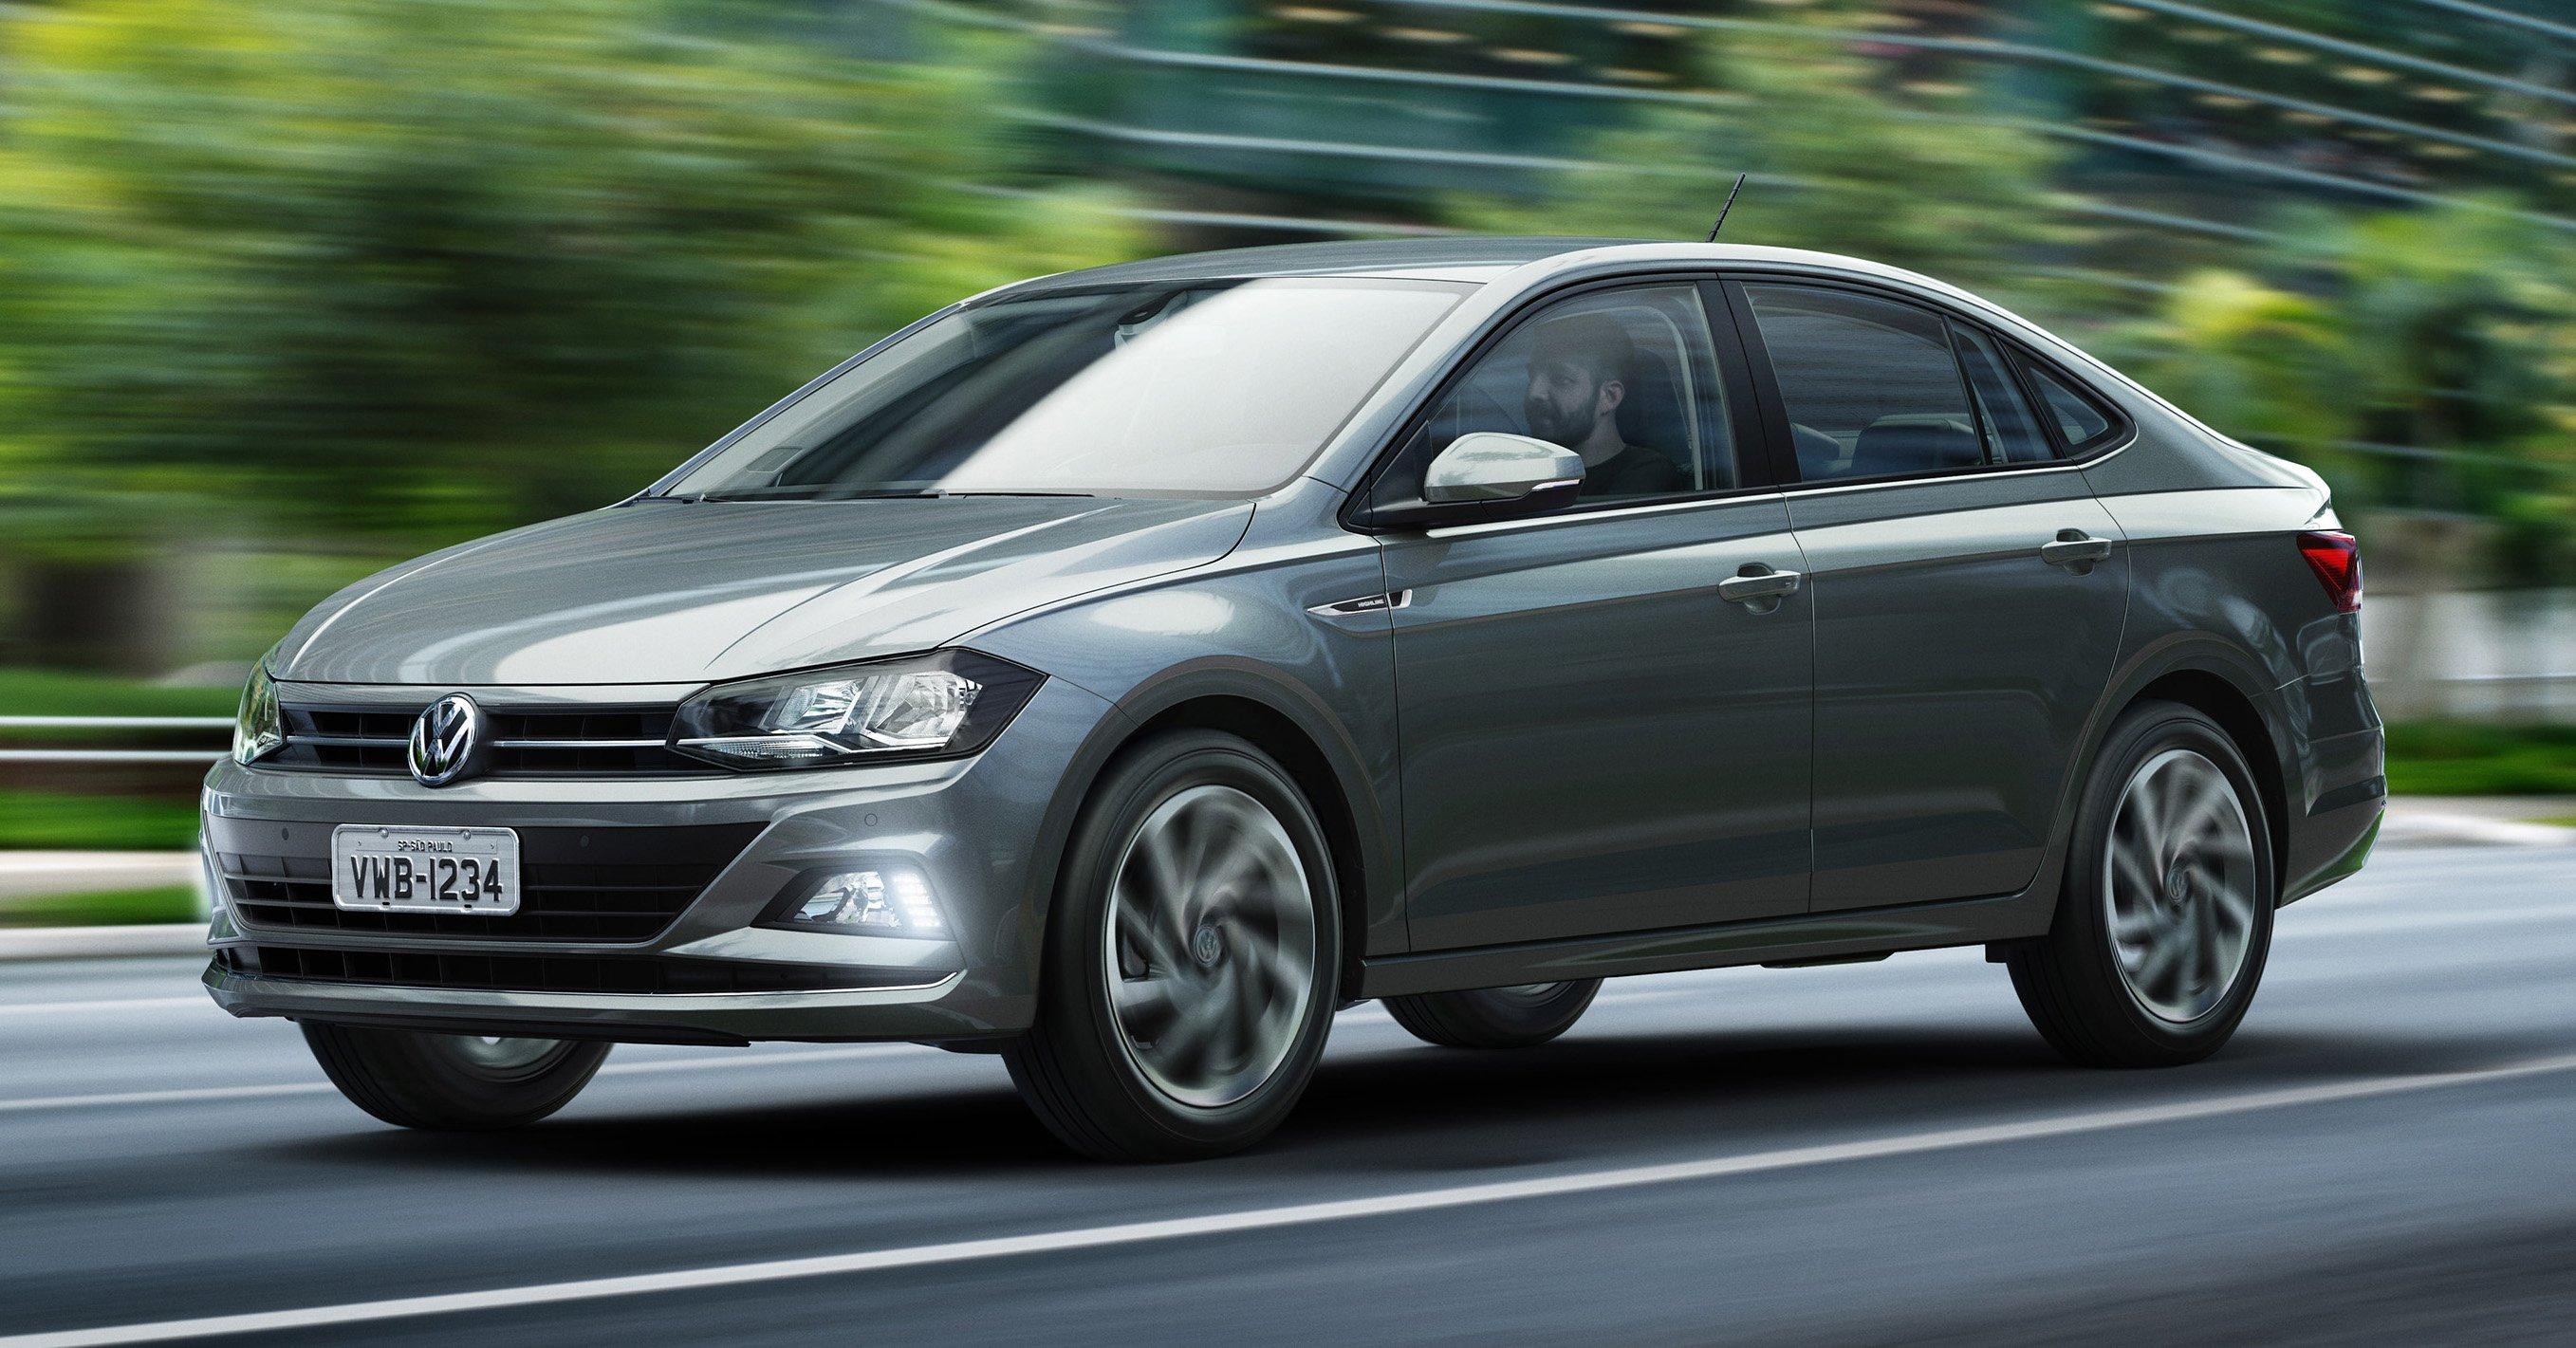 Volkswagen Virtus New Polo Sedan Debuts In Brazil Image